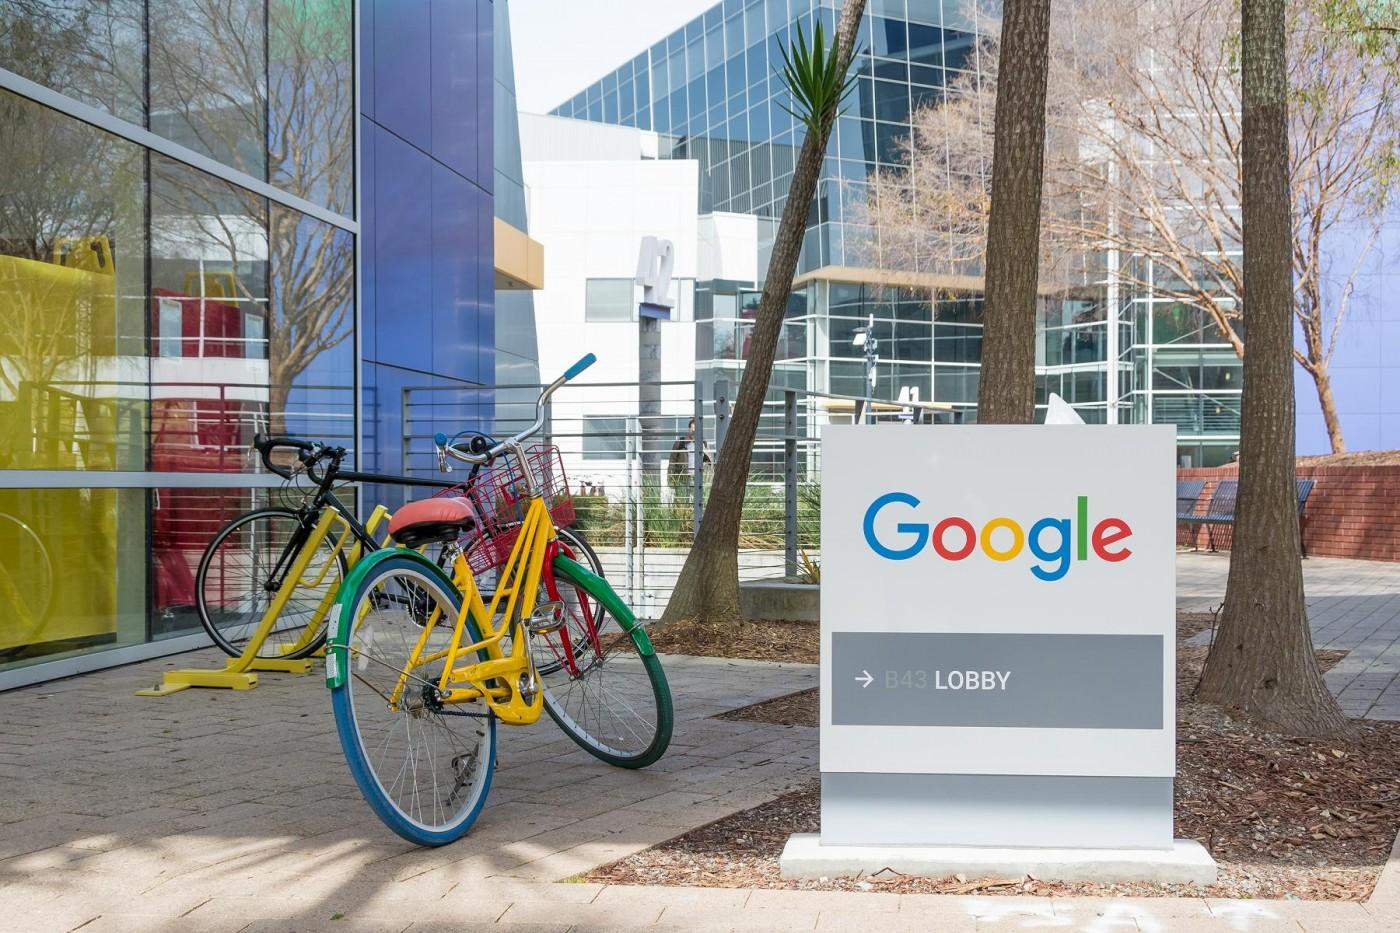 晶片人才戰升溫,Google挖走蘋果大將,研發Pixel內的秘密武器